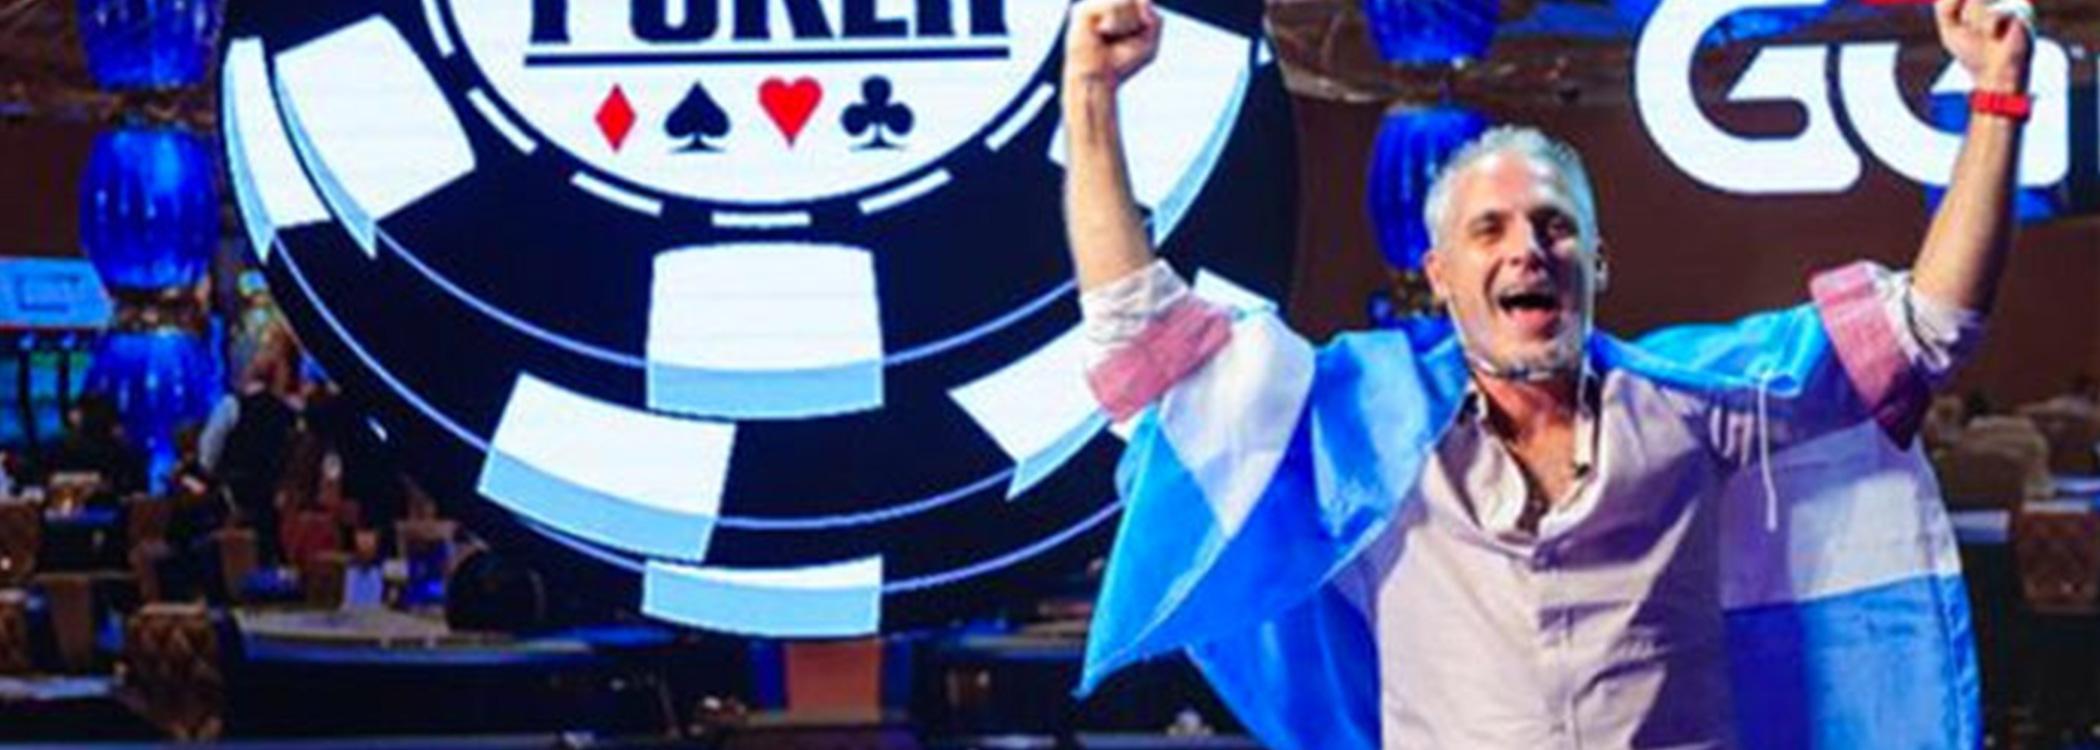 Новый чемпион GGPokerok WSOP.